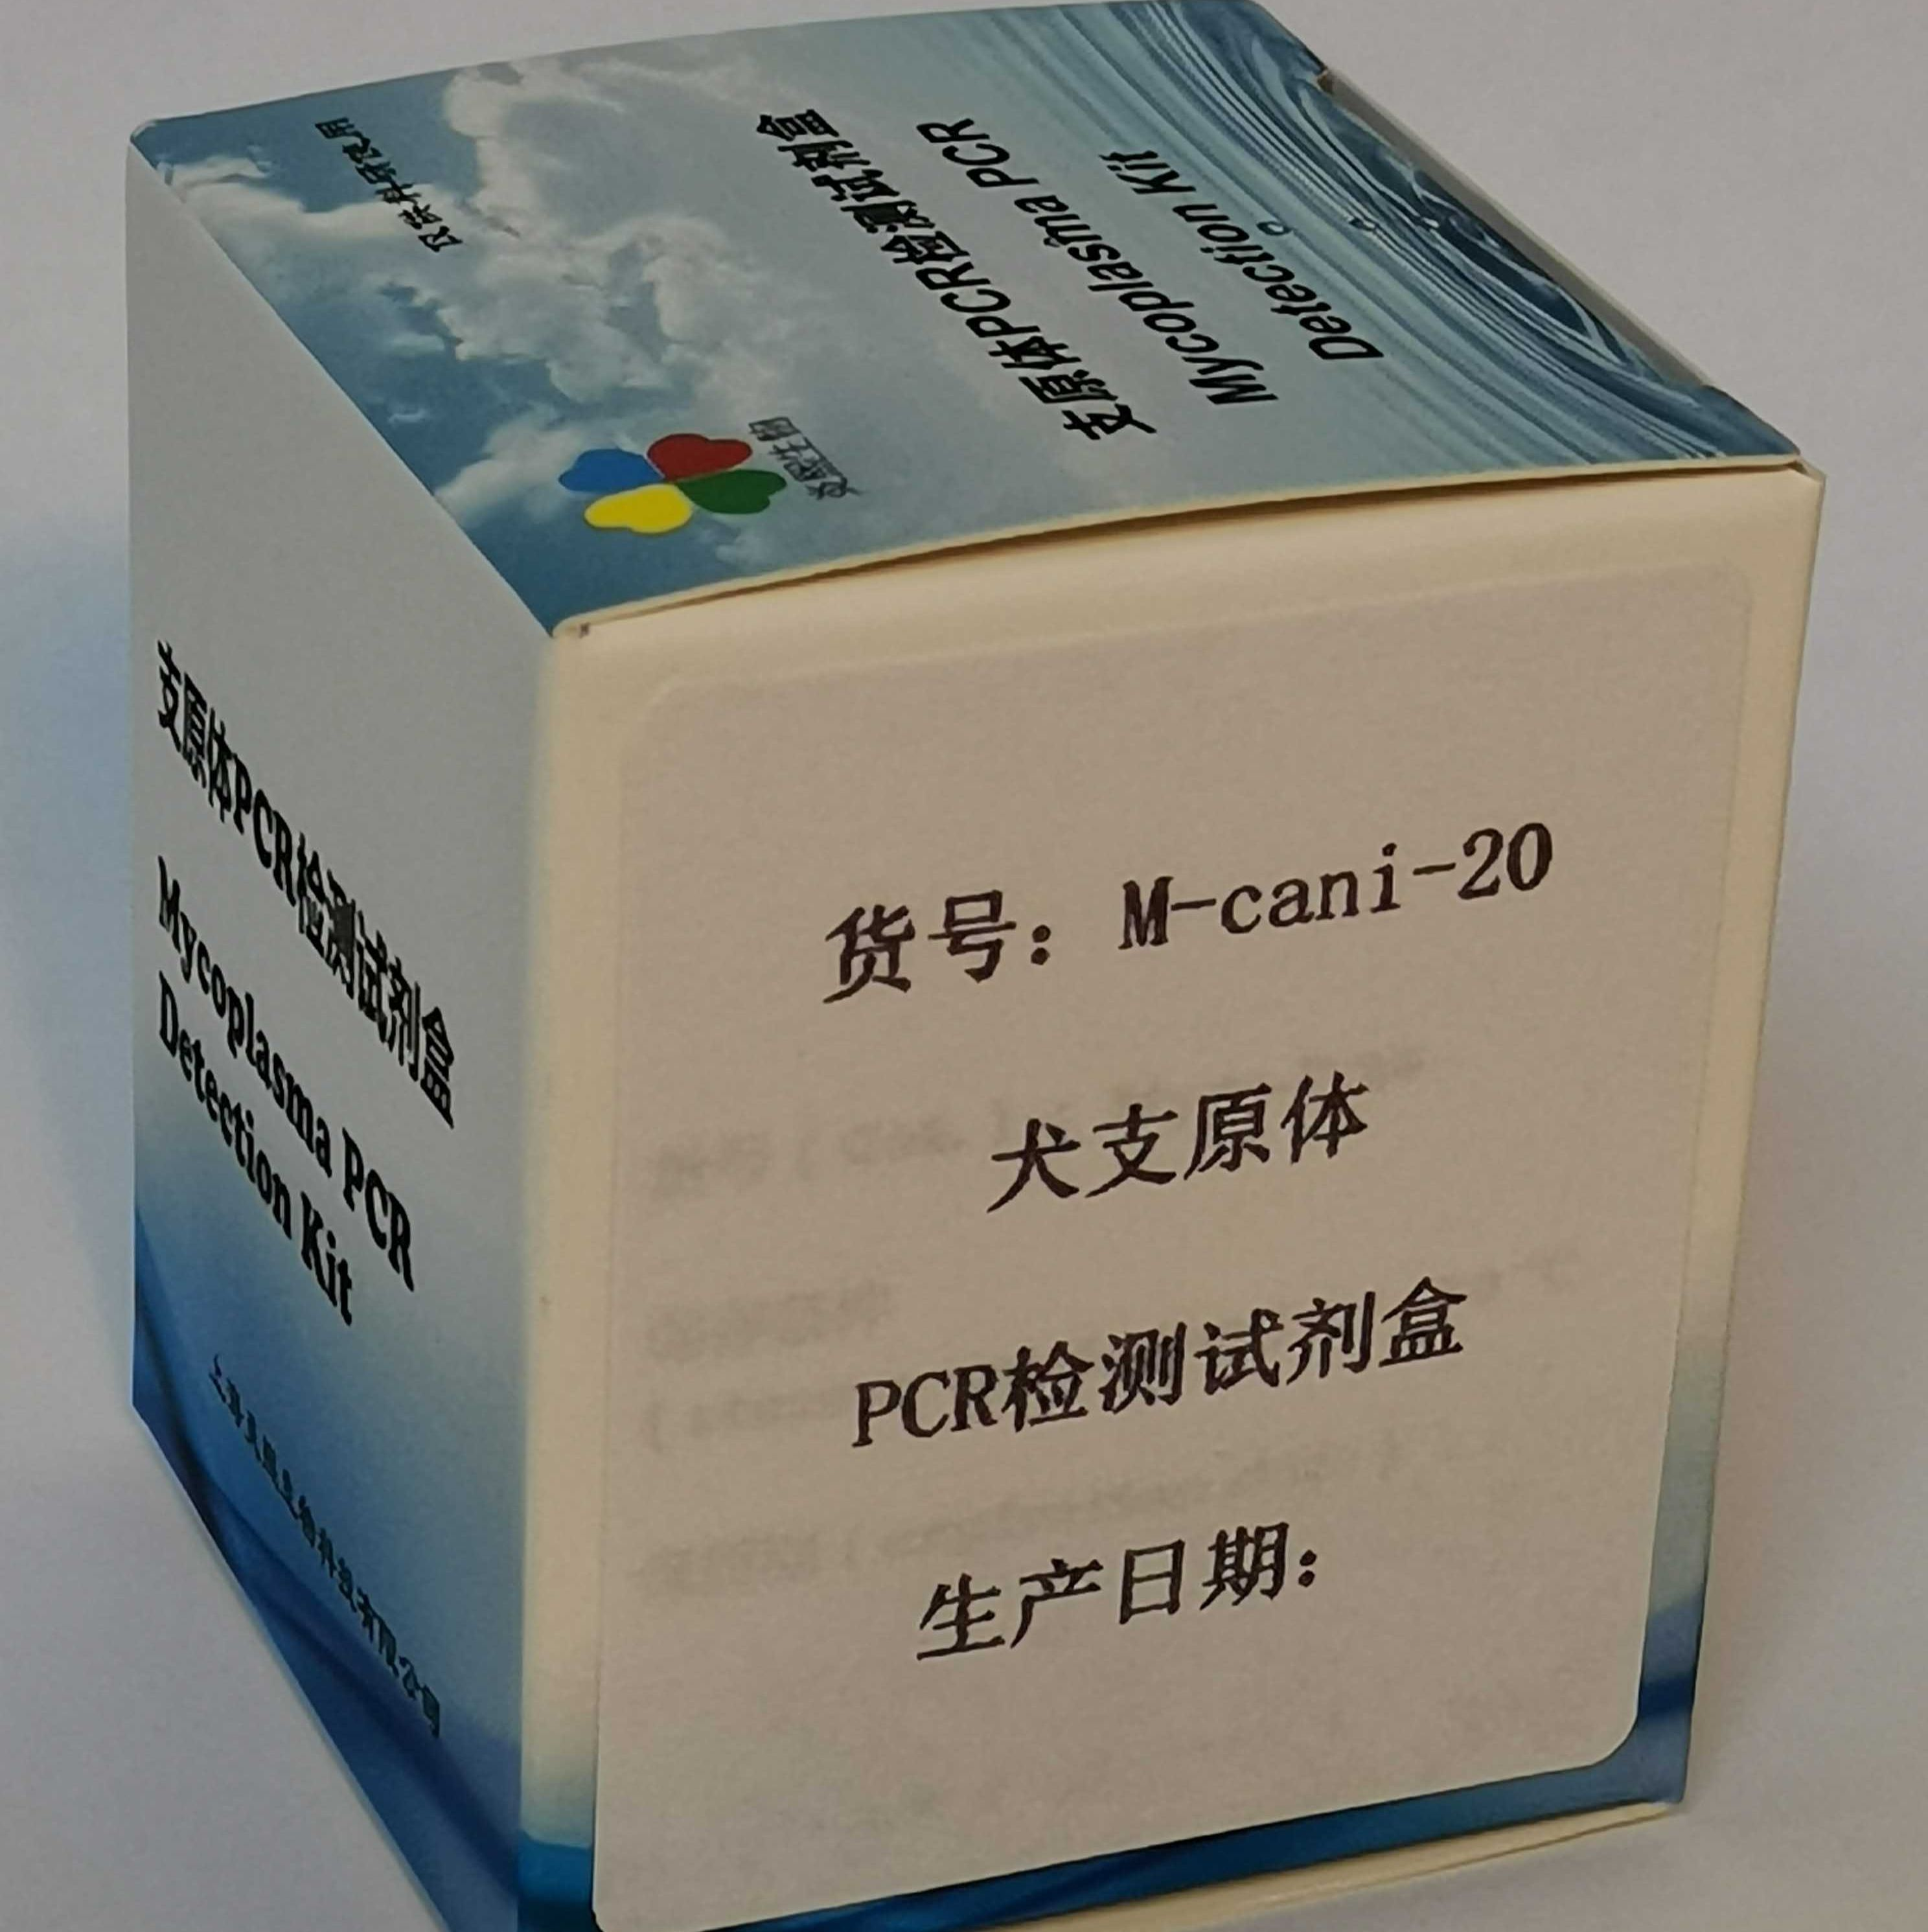 犬支原体PCR检测试剂盒